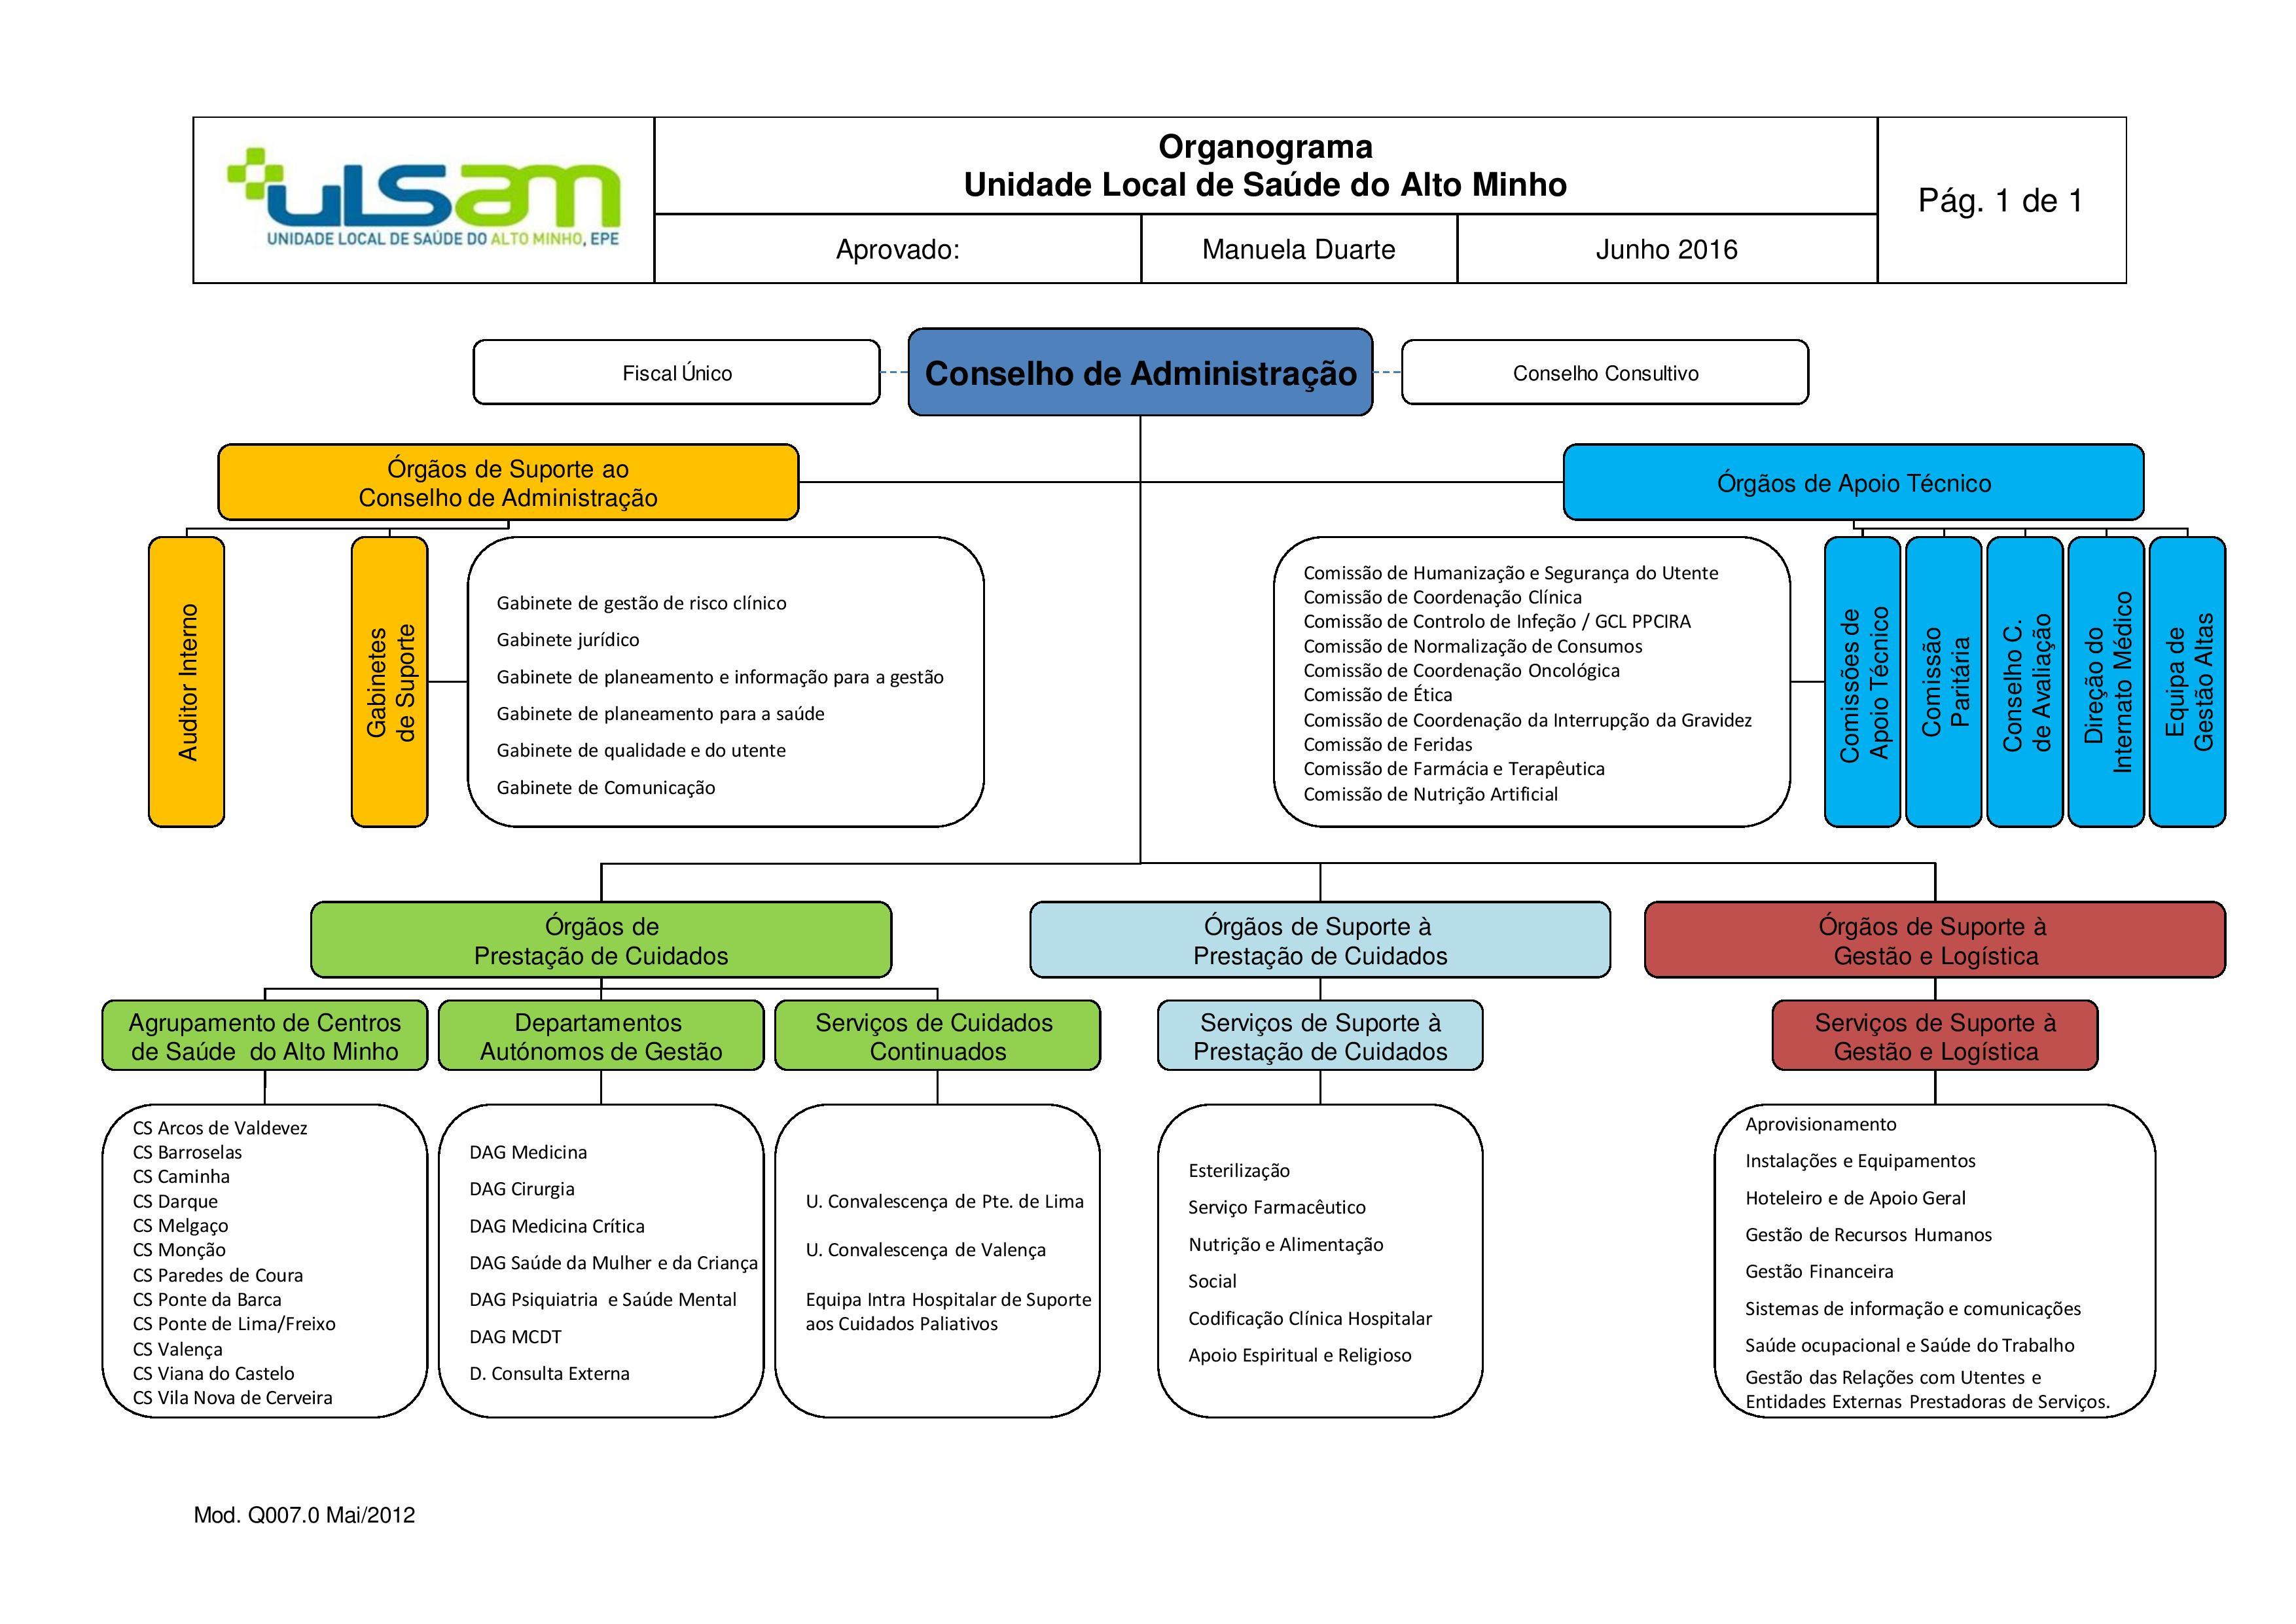 2-Organograma ULSAM 2016